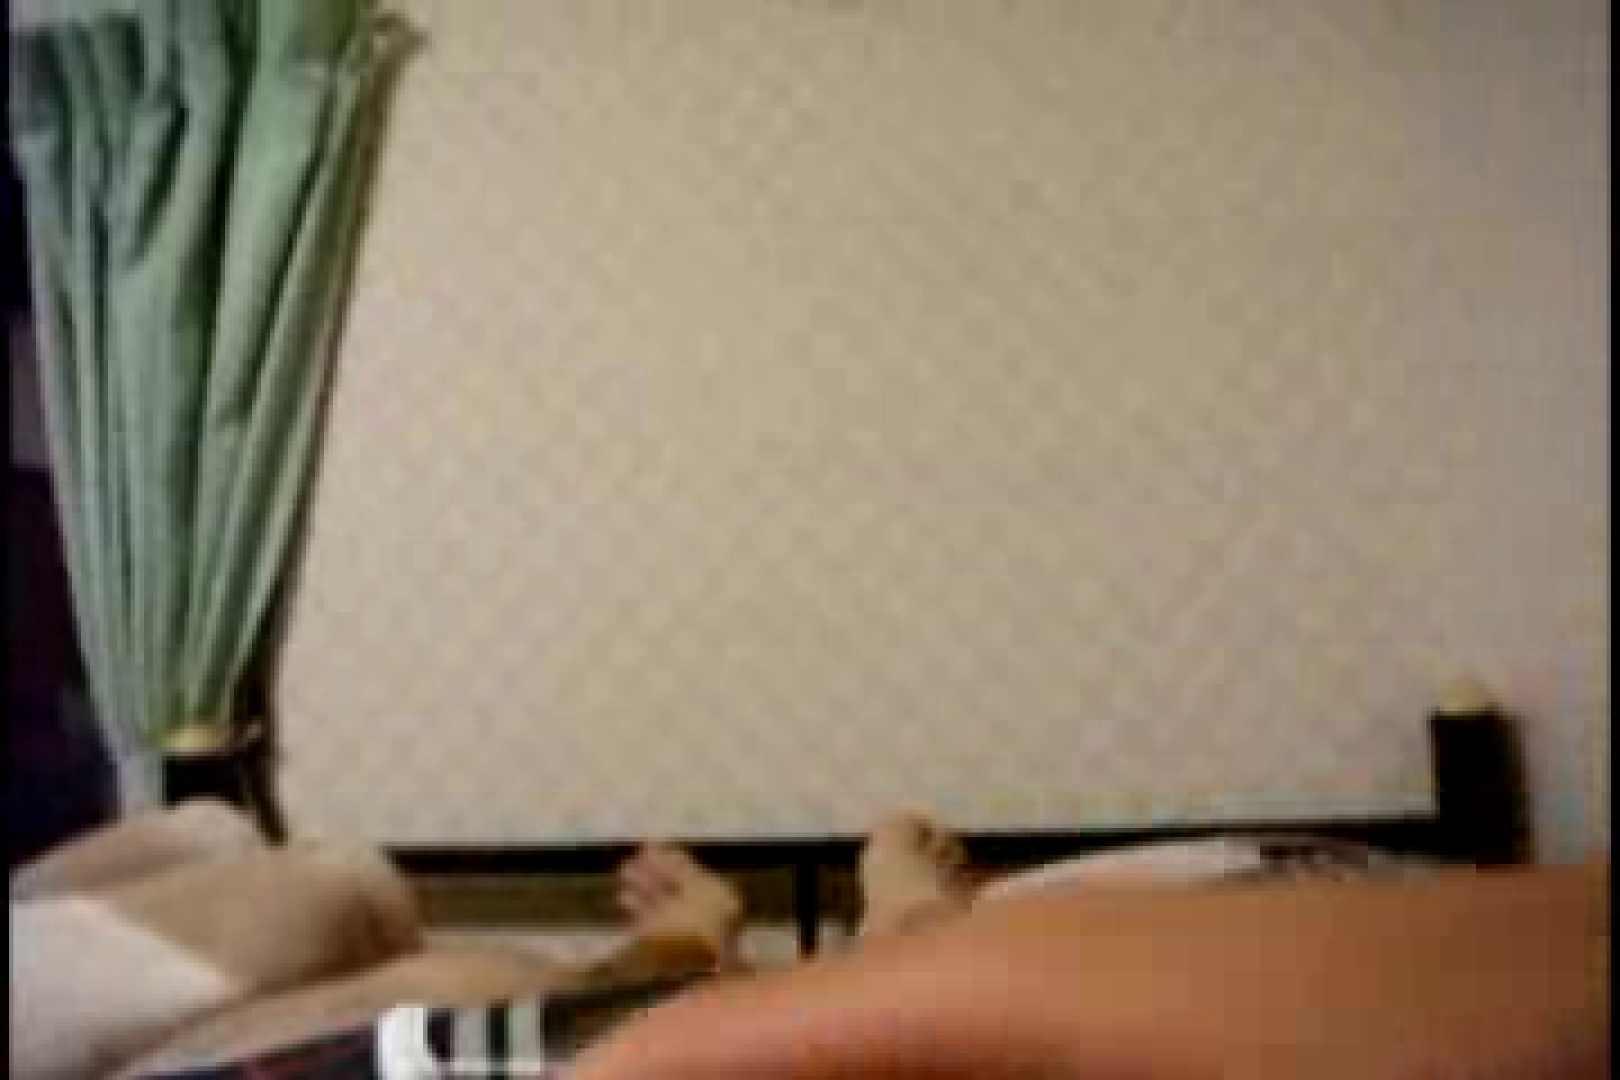 オナ好きノンケテニス部員の自画撮り投稿vol.01 ブリーフ ゲイアダルト画像 105枚 29